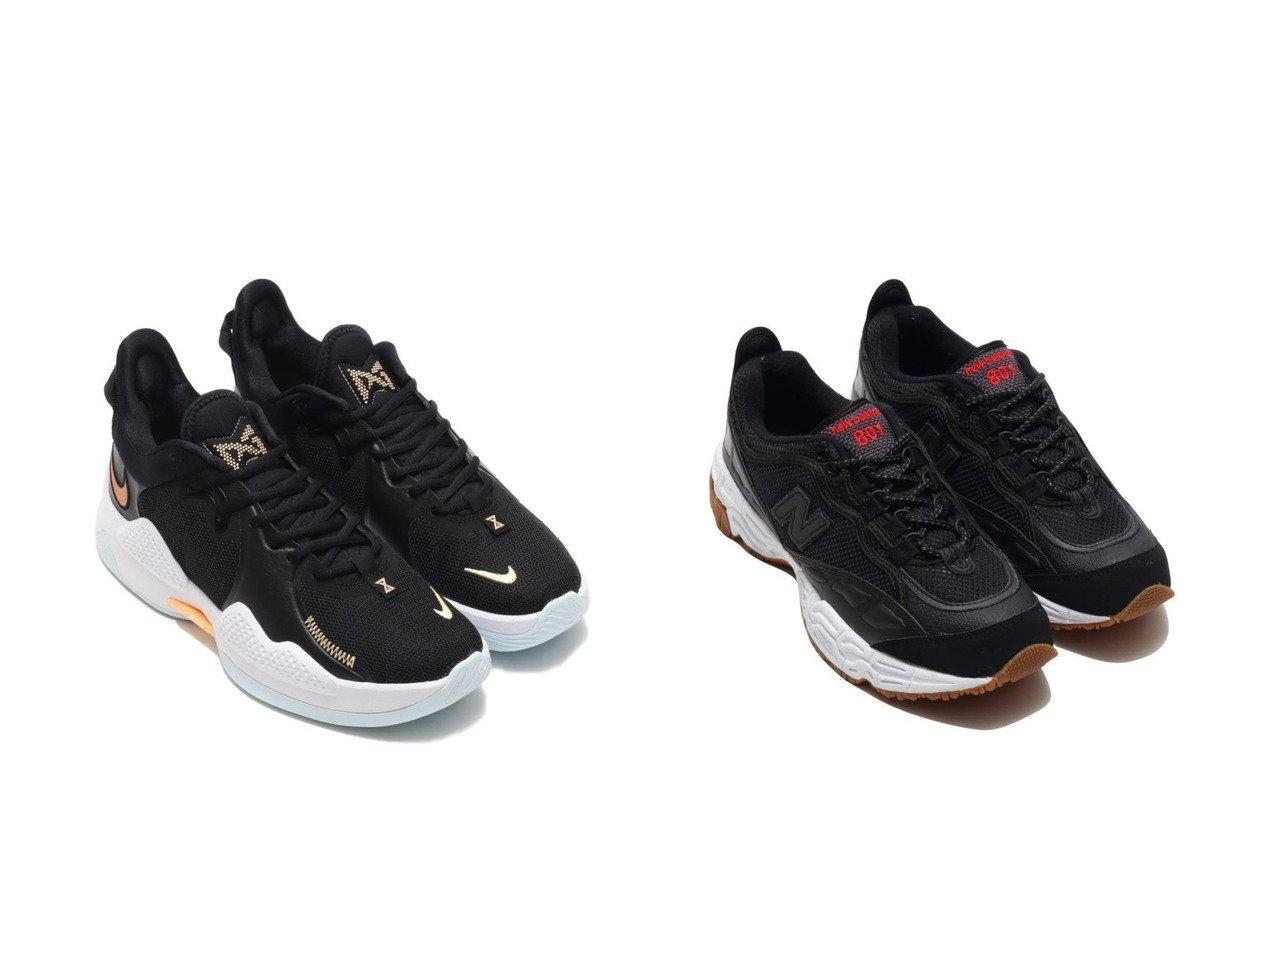 【new balance/ニューバランス】のNew Balance ML801BEC&【NIKE/ナイキ】のNIKE PG 5 EP 【シューズ・靴】おすすめ!人気、トレンド・レディースファッションの通販   おすすめで人気の流行・トレンド、ファッションの通販商品 メンズファッション・キッズファッション・インテリア・家具・レディースファッション・服の通販 founy(ファニー) https://founy.com/ ファッション Fashion レディースファッション WOMEN シューズ スニーカー スリッポン クッション メッシュ 軽量 |ID:crp329100000026884